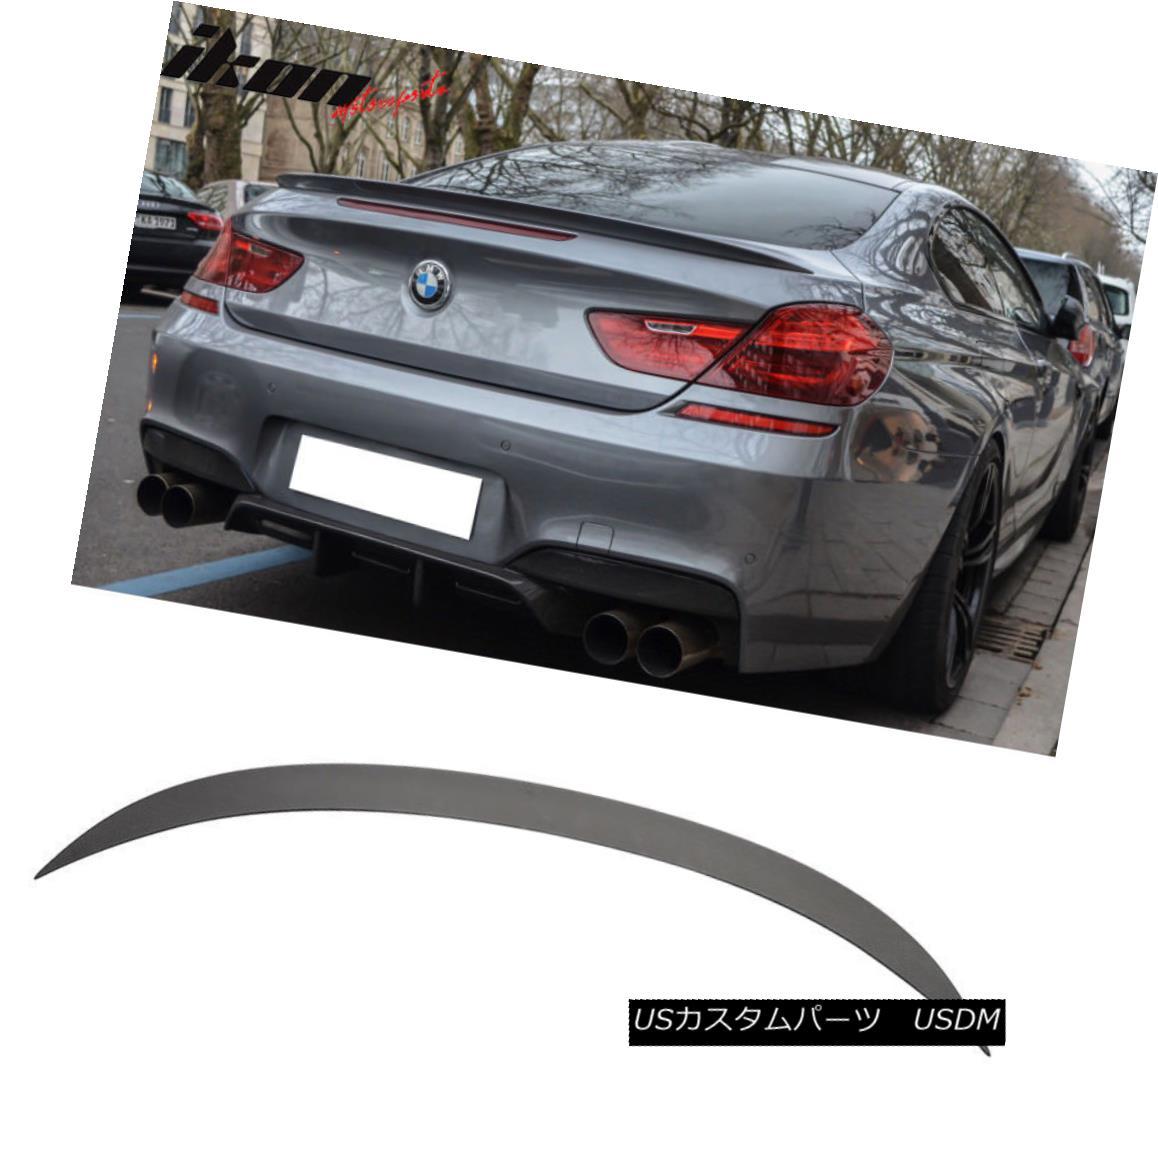 エアロパーツ Fits 12-17 BMW 6 Series F13 M6 Style Unpainted ABS Trunk Spoiler Wing フィット12-17 BMW 6シリーズF13 M6スタイル無塗装ABSトランク・スポイラー・ウィング